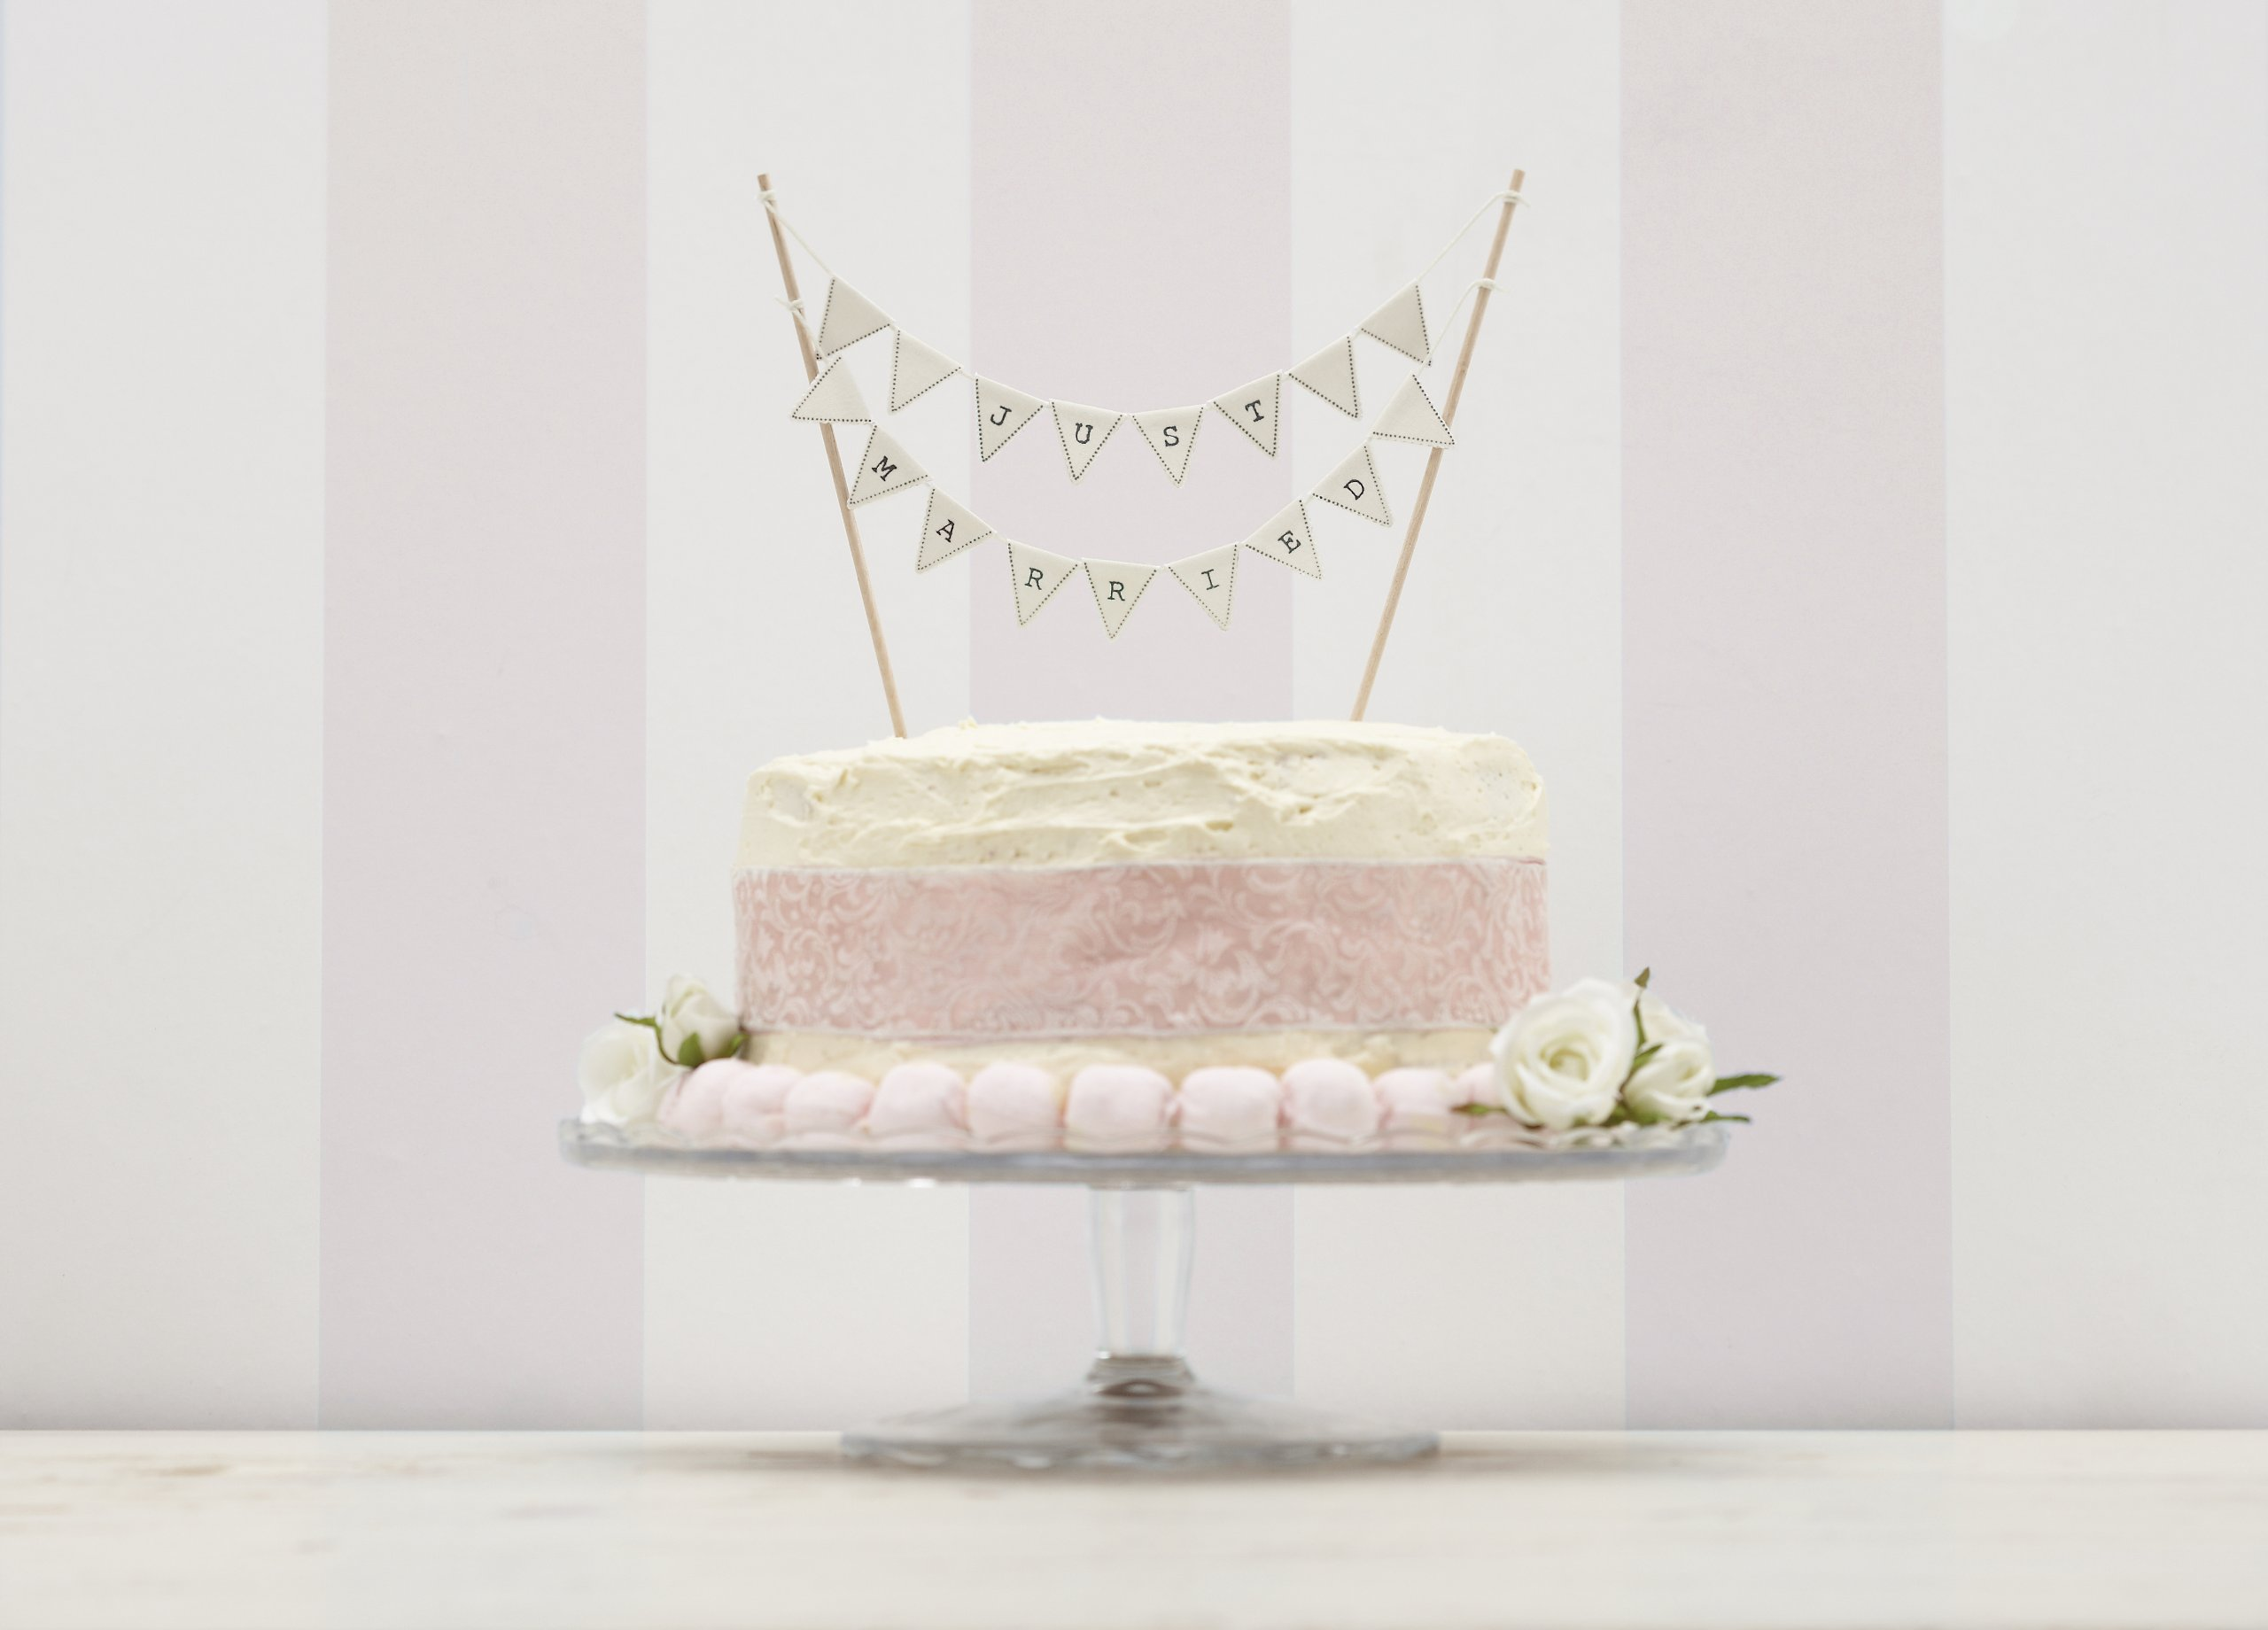 Wedding Cake Bunting: Amazon.co.uk